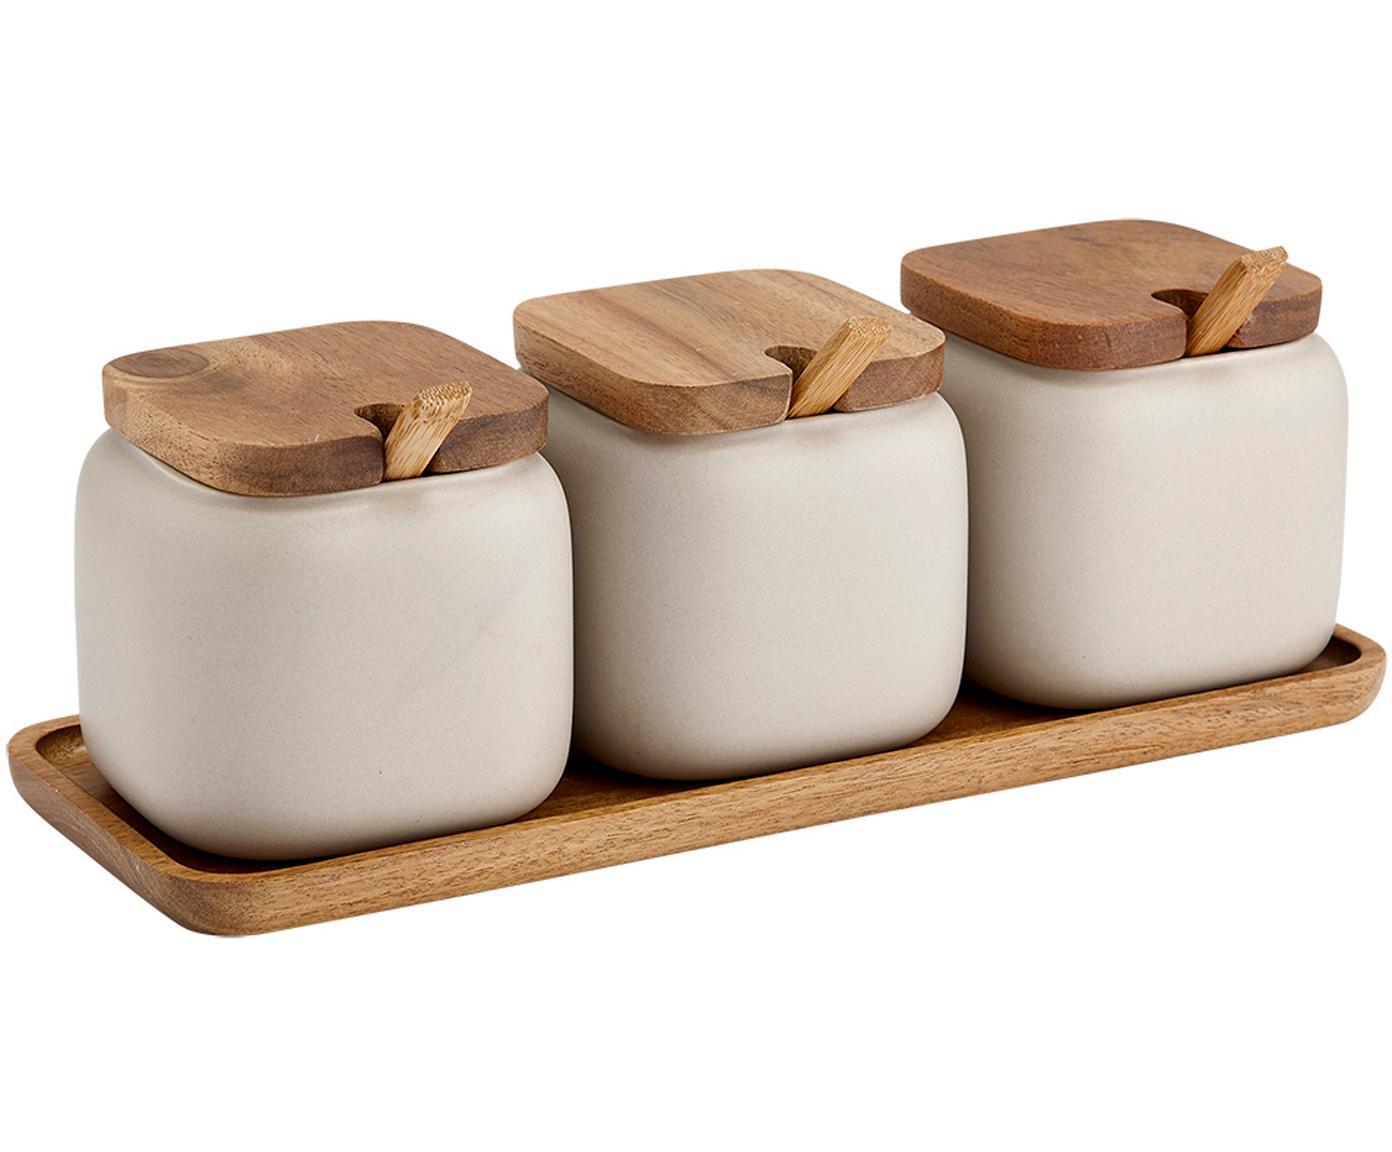 Komplet pojemników do przechowywania z porcelany i drewna akacjowego Essentials, 7 elem., Porcelana, drewno akacjowe, Odcienie piaskowego, drewno akacjowe, Różne rozmiary